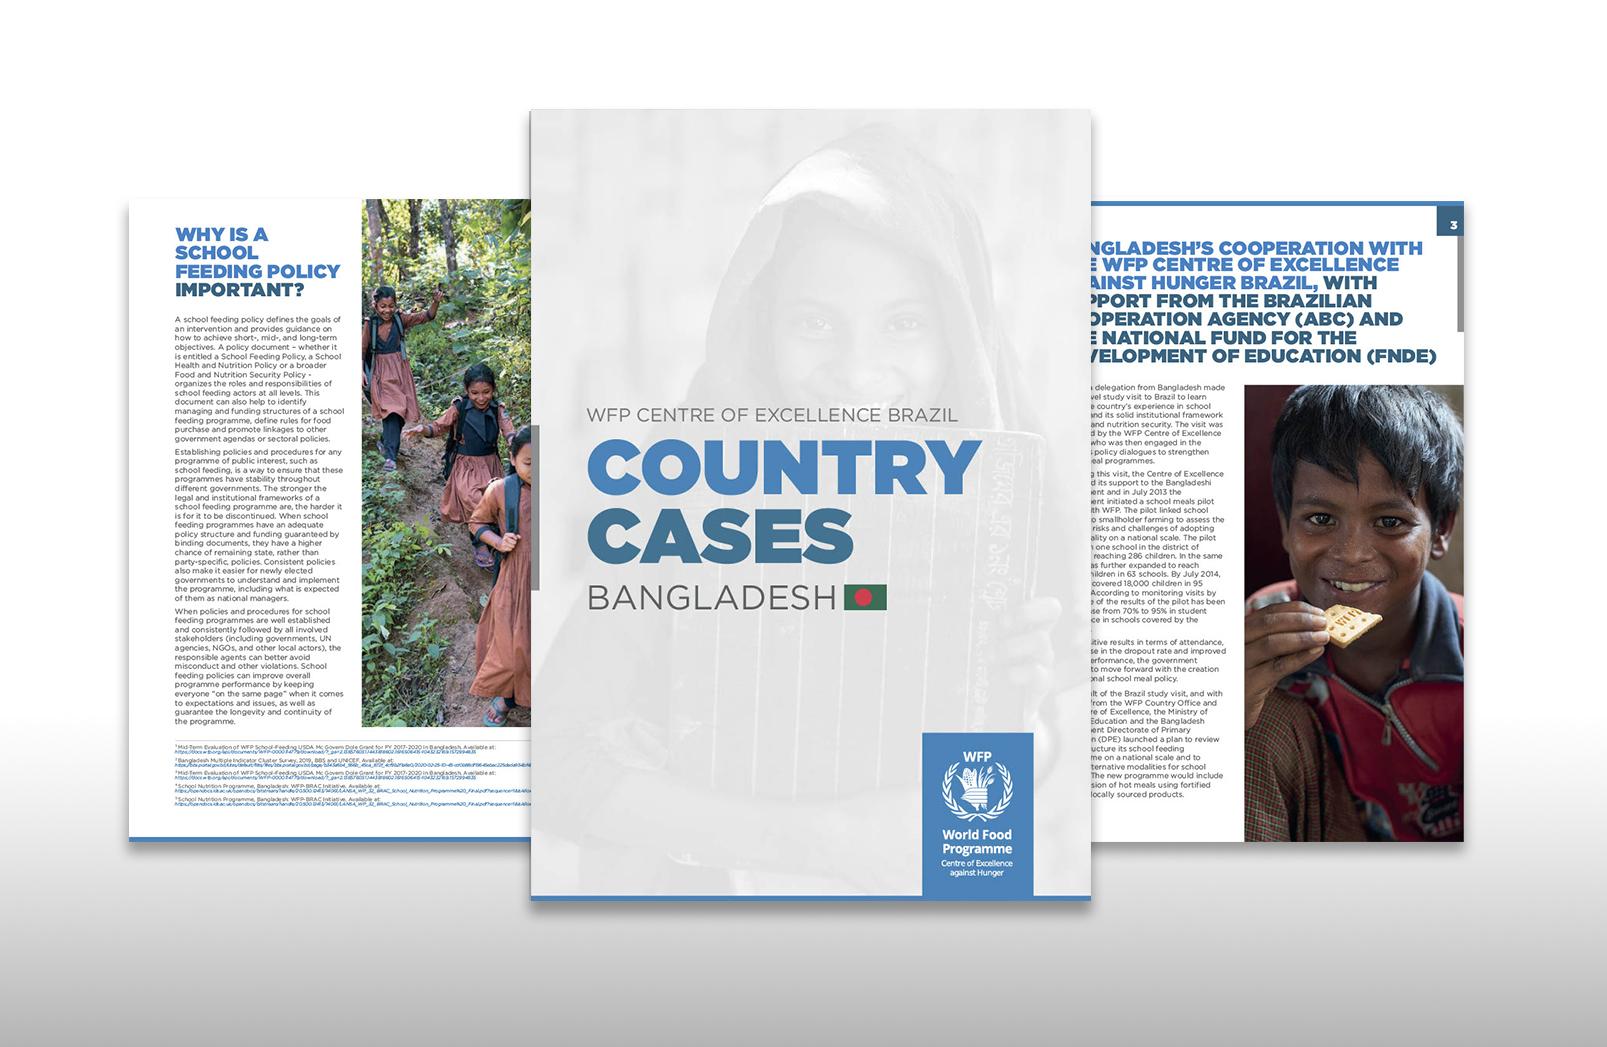 Experiências de países: Bangladesh